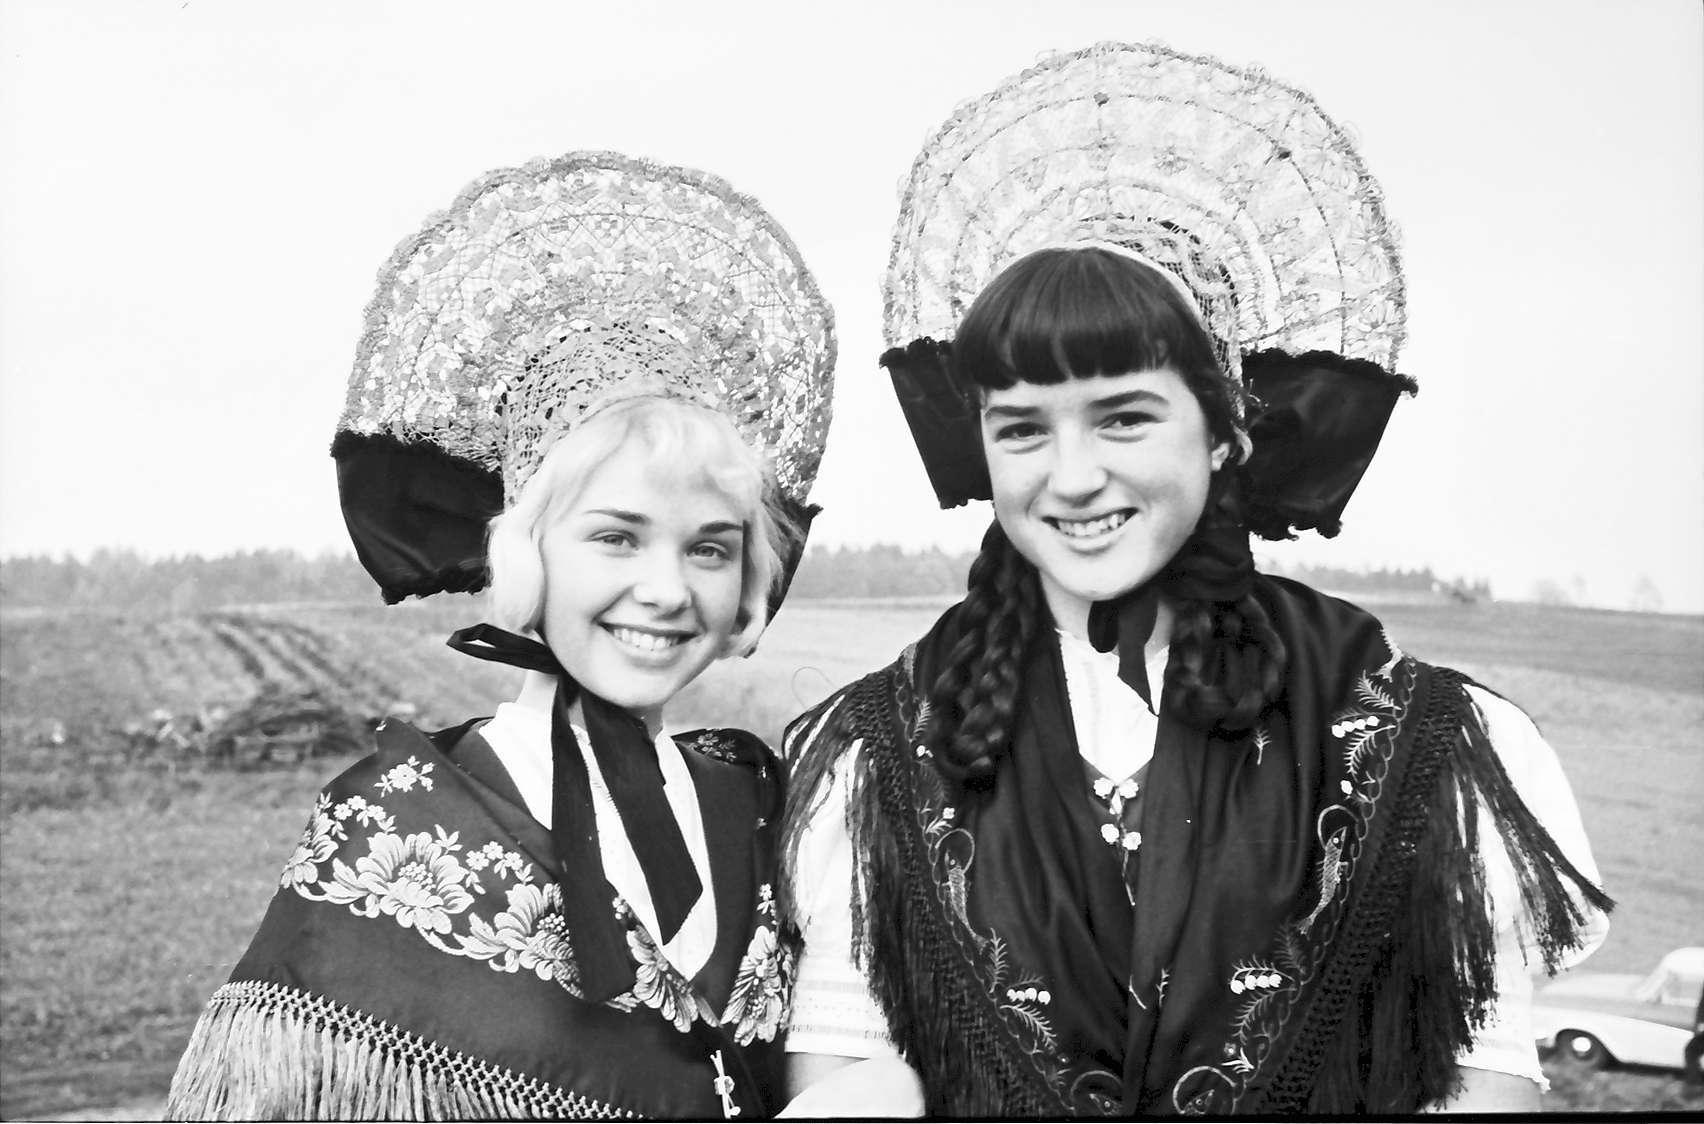 Allensbach: Trachtenmädchen aus Allensbach, Bild 1